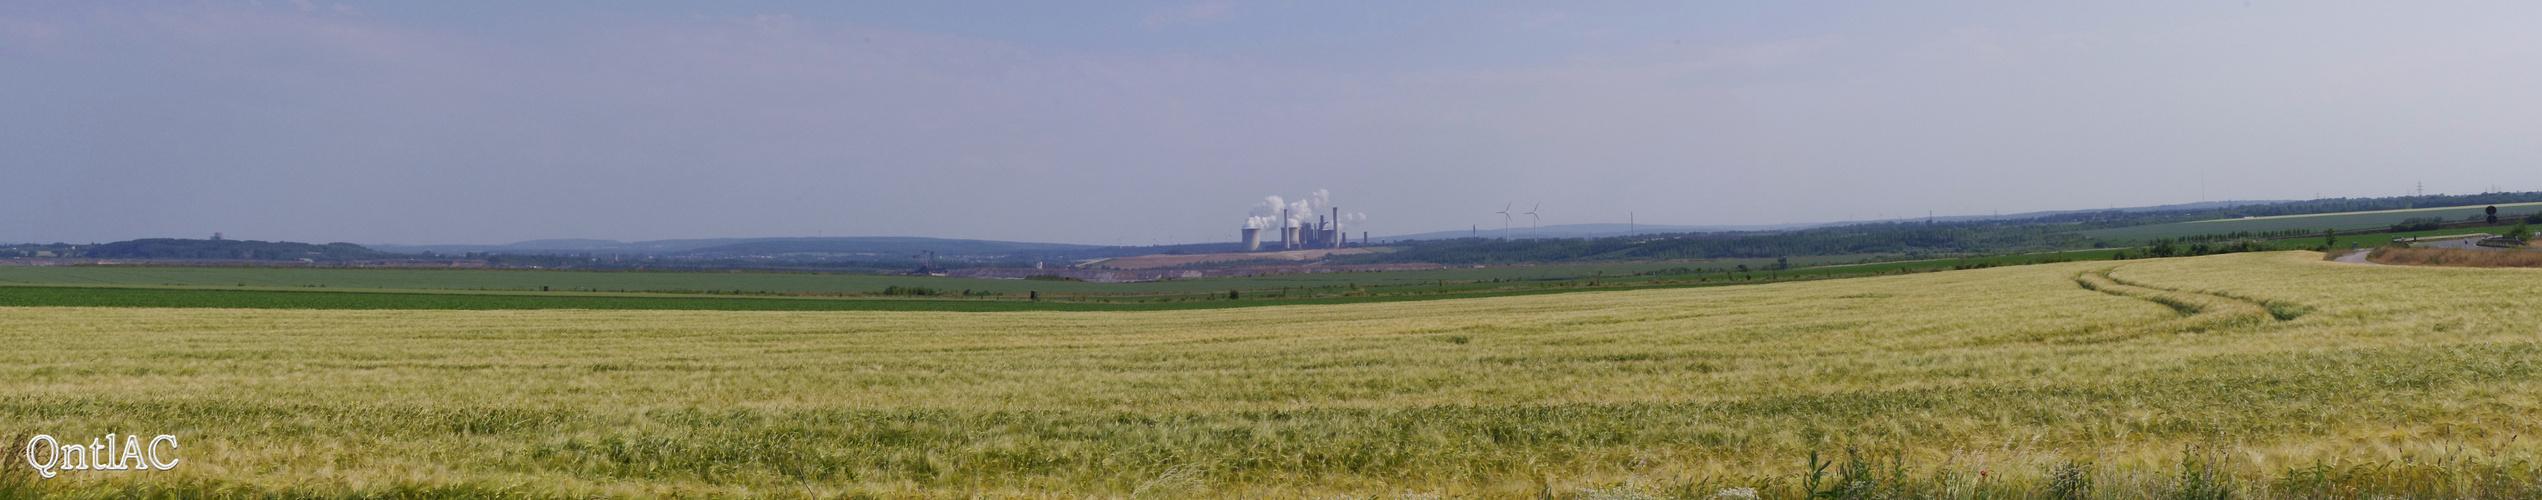 ? Energiewende Teil 2 RWE Power Weisweiler